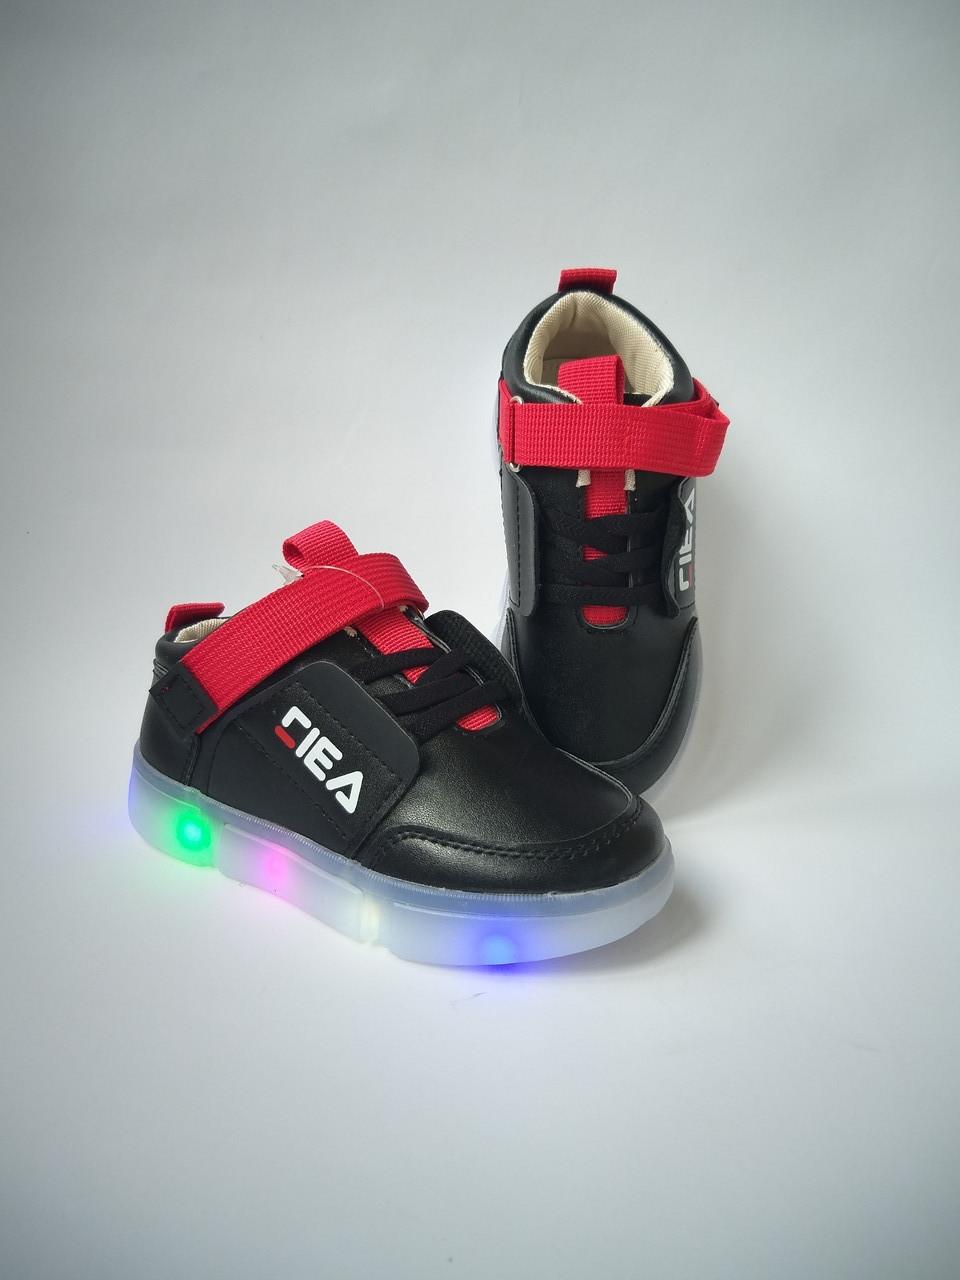 Кроссовки на мальчика Fila с подсветкой 27 размер черного цвета